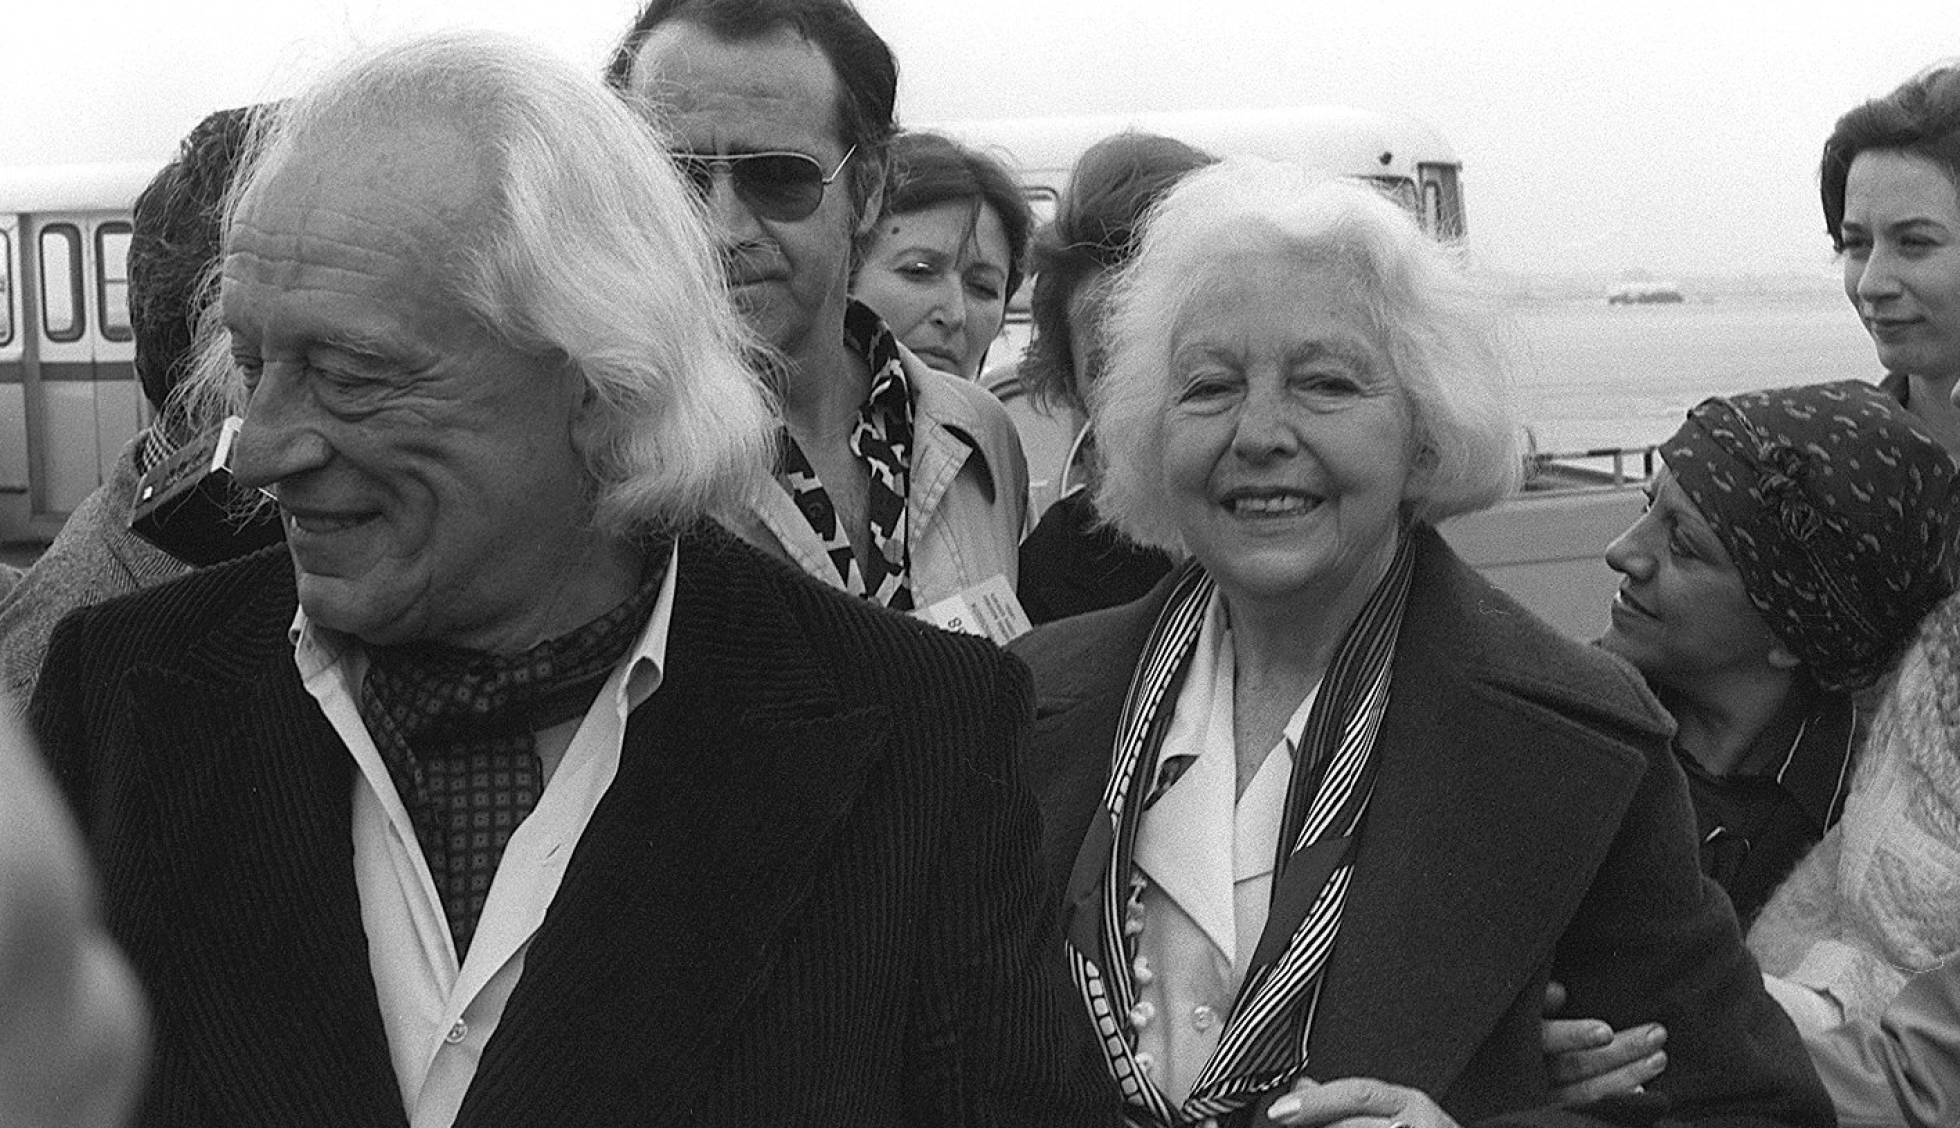 María Teresa León y Rafael Alberti, a su llegada a Madrid tras su largo exilio, en 1977. / Foto: El País